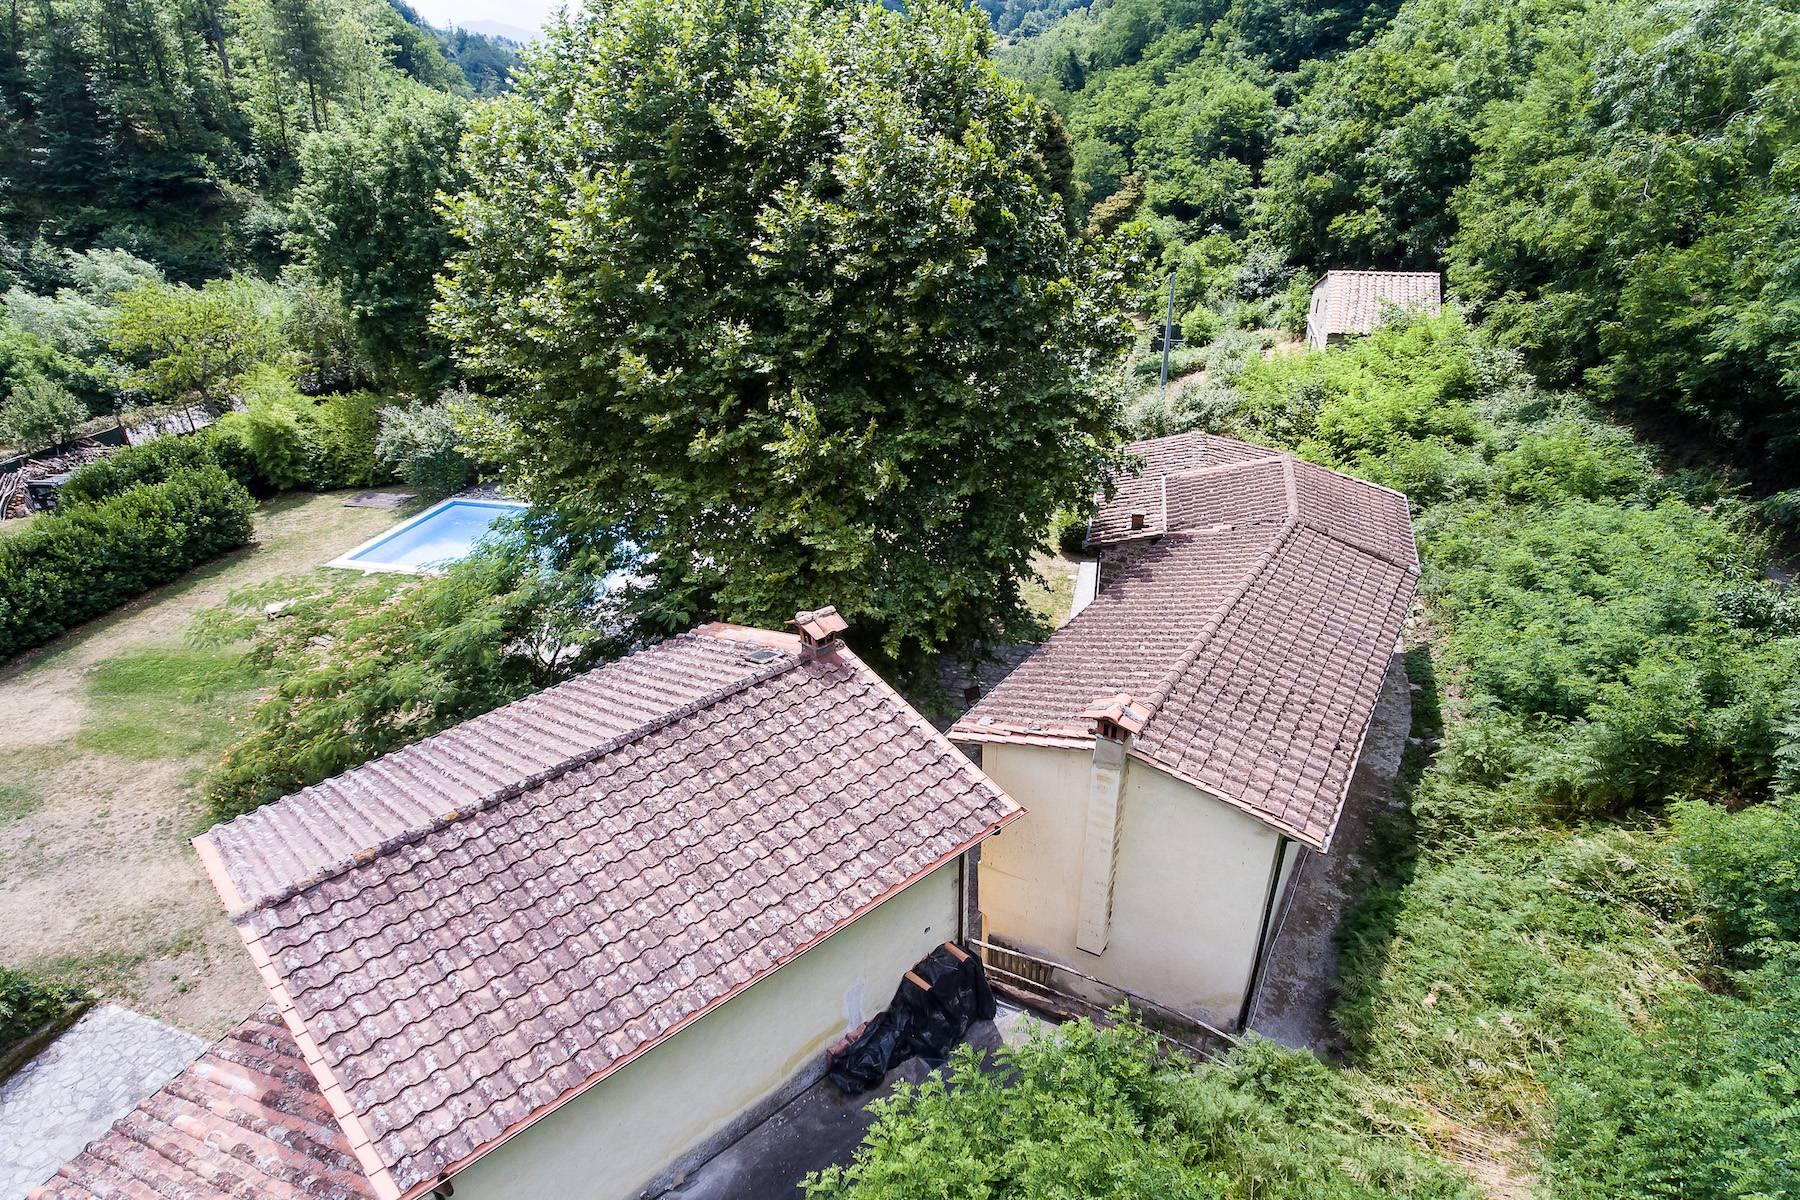 Maison de campagne enchantée sur les collines autour de Lucca - 15